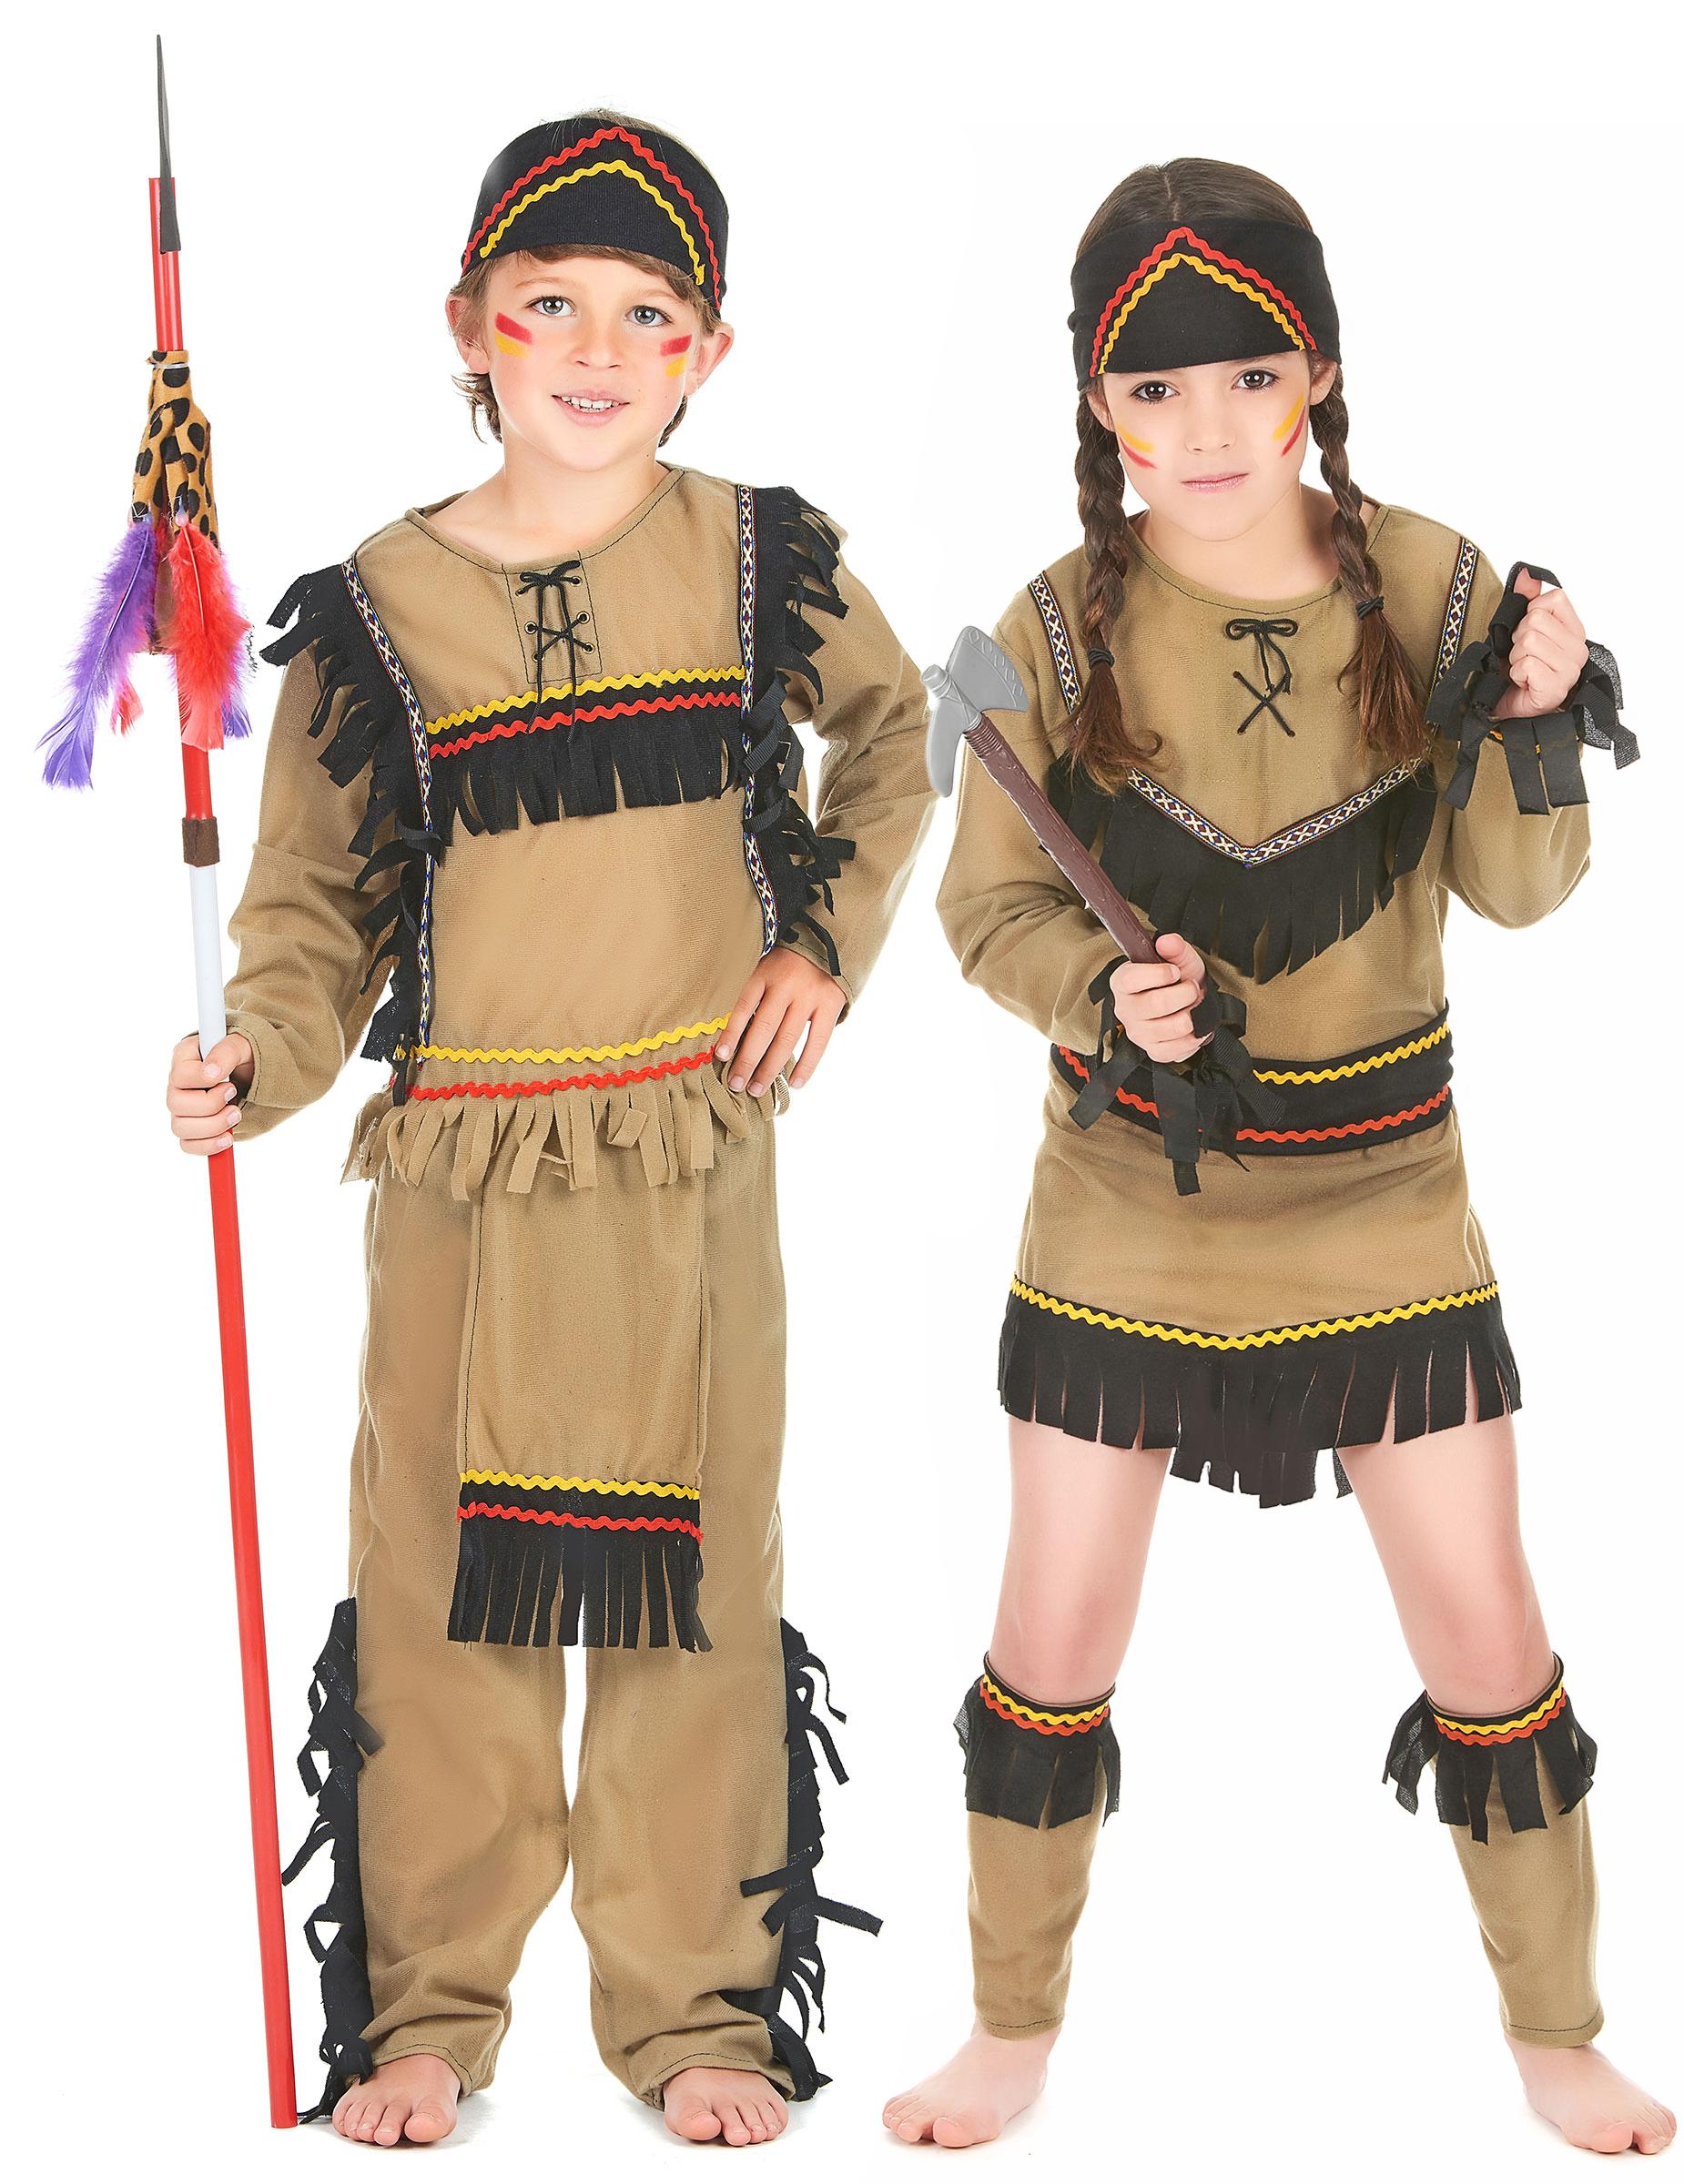 dc951a336ec9 Déguisement couple indiens enfants   Deguise-toi, achat de ...